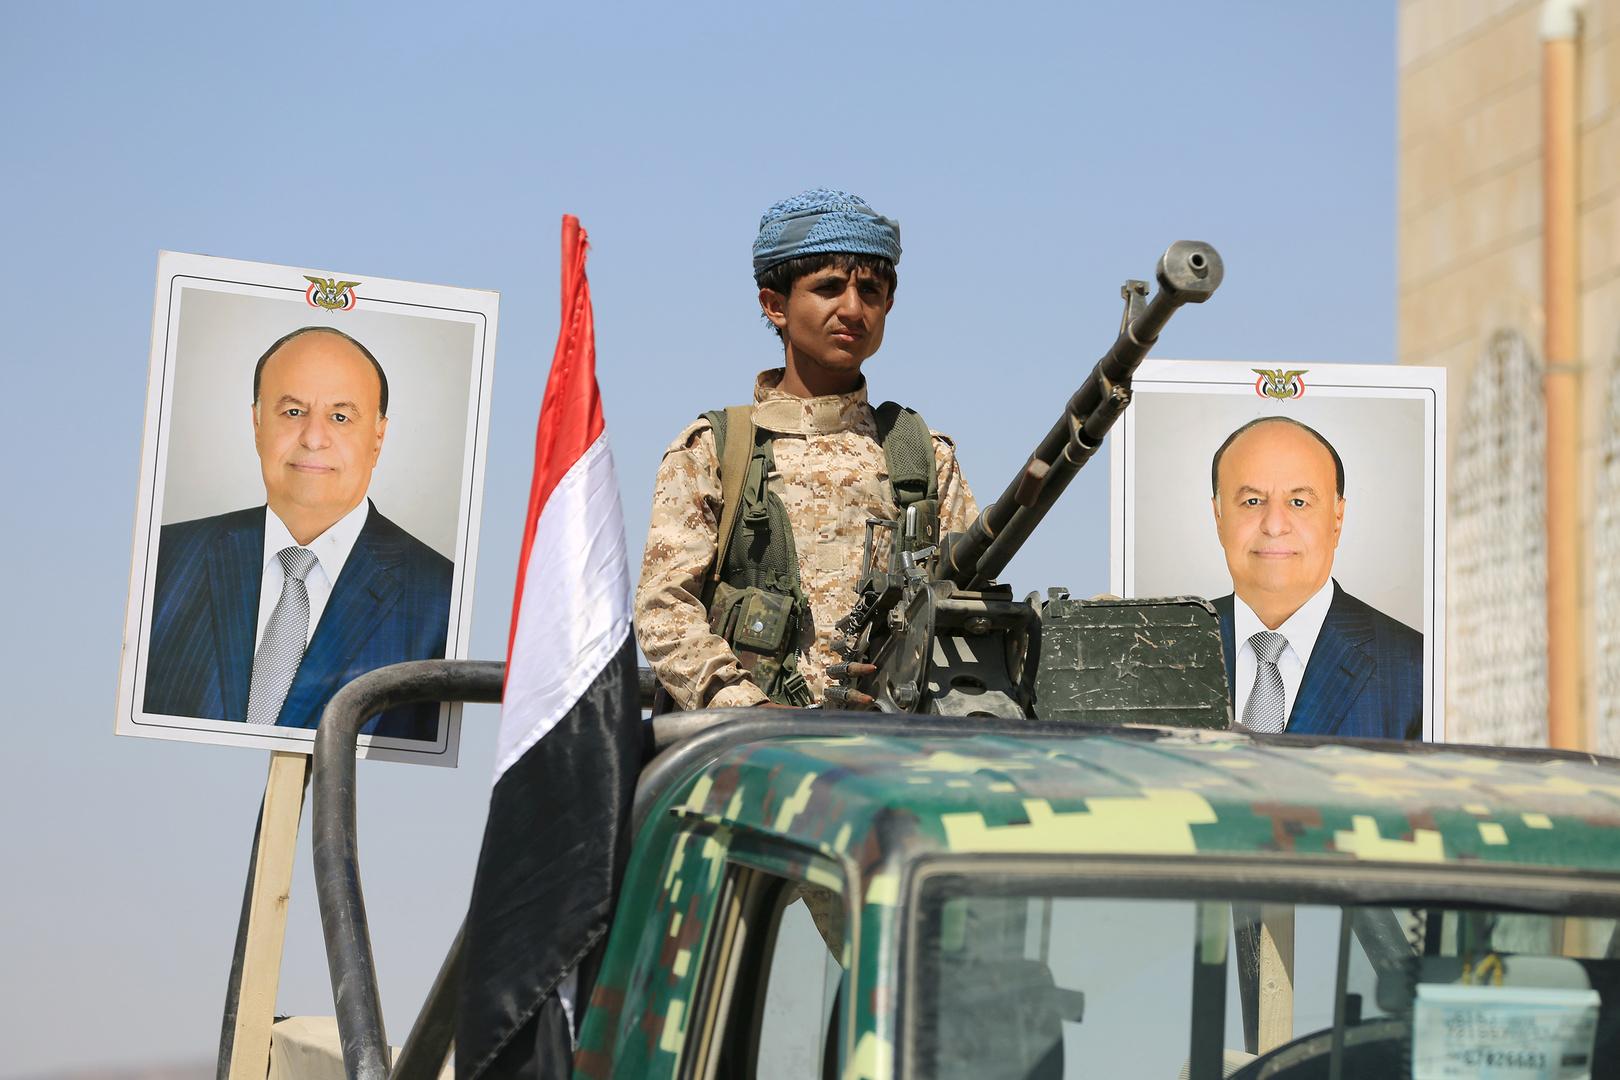 تقرير: تساؤلات بخصوص مستقبل الحكومة اليمنية بعد تأجيل عودة هادي إلى عدن مجددا